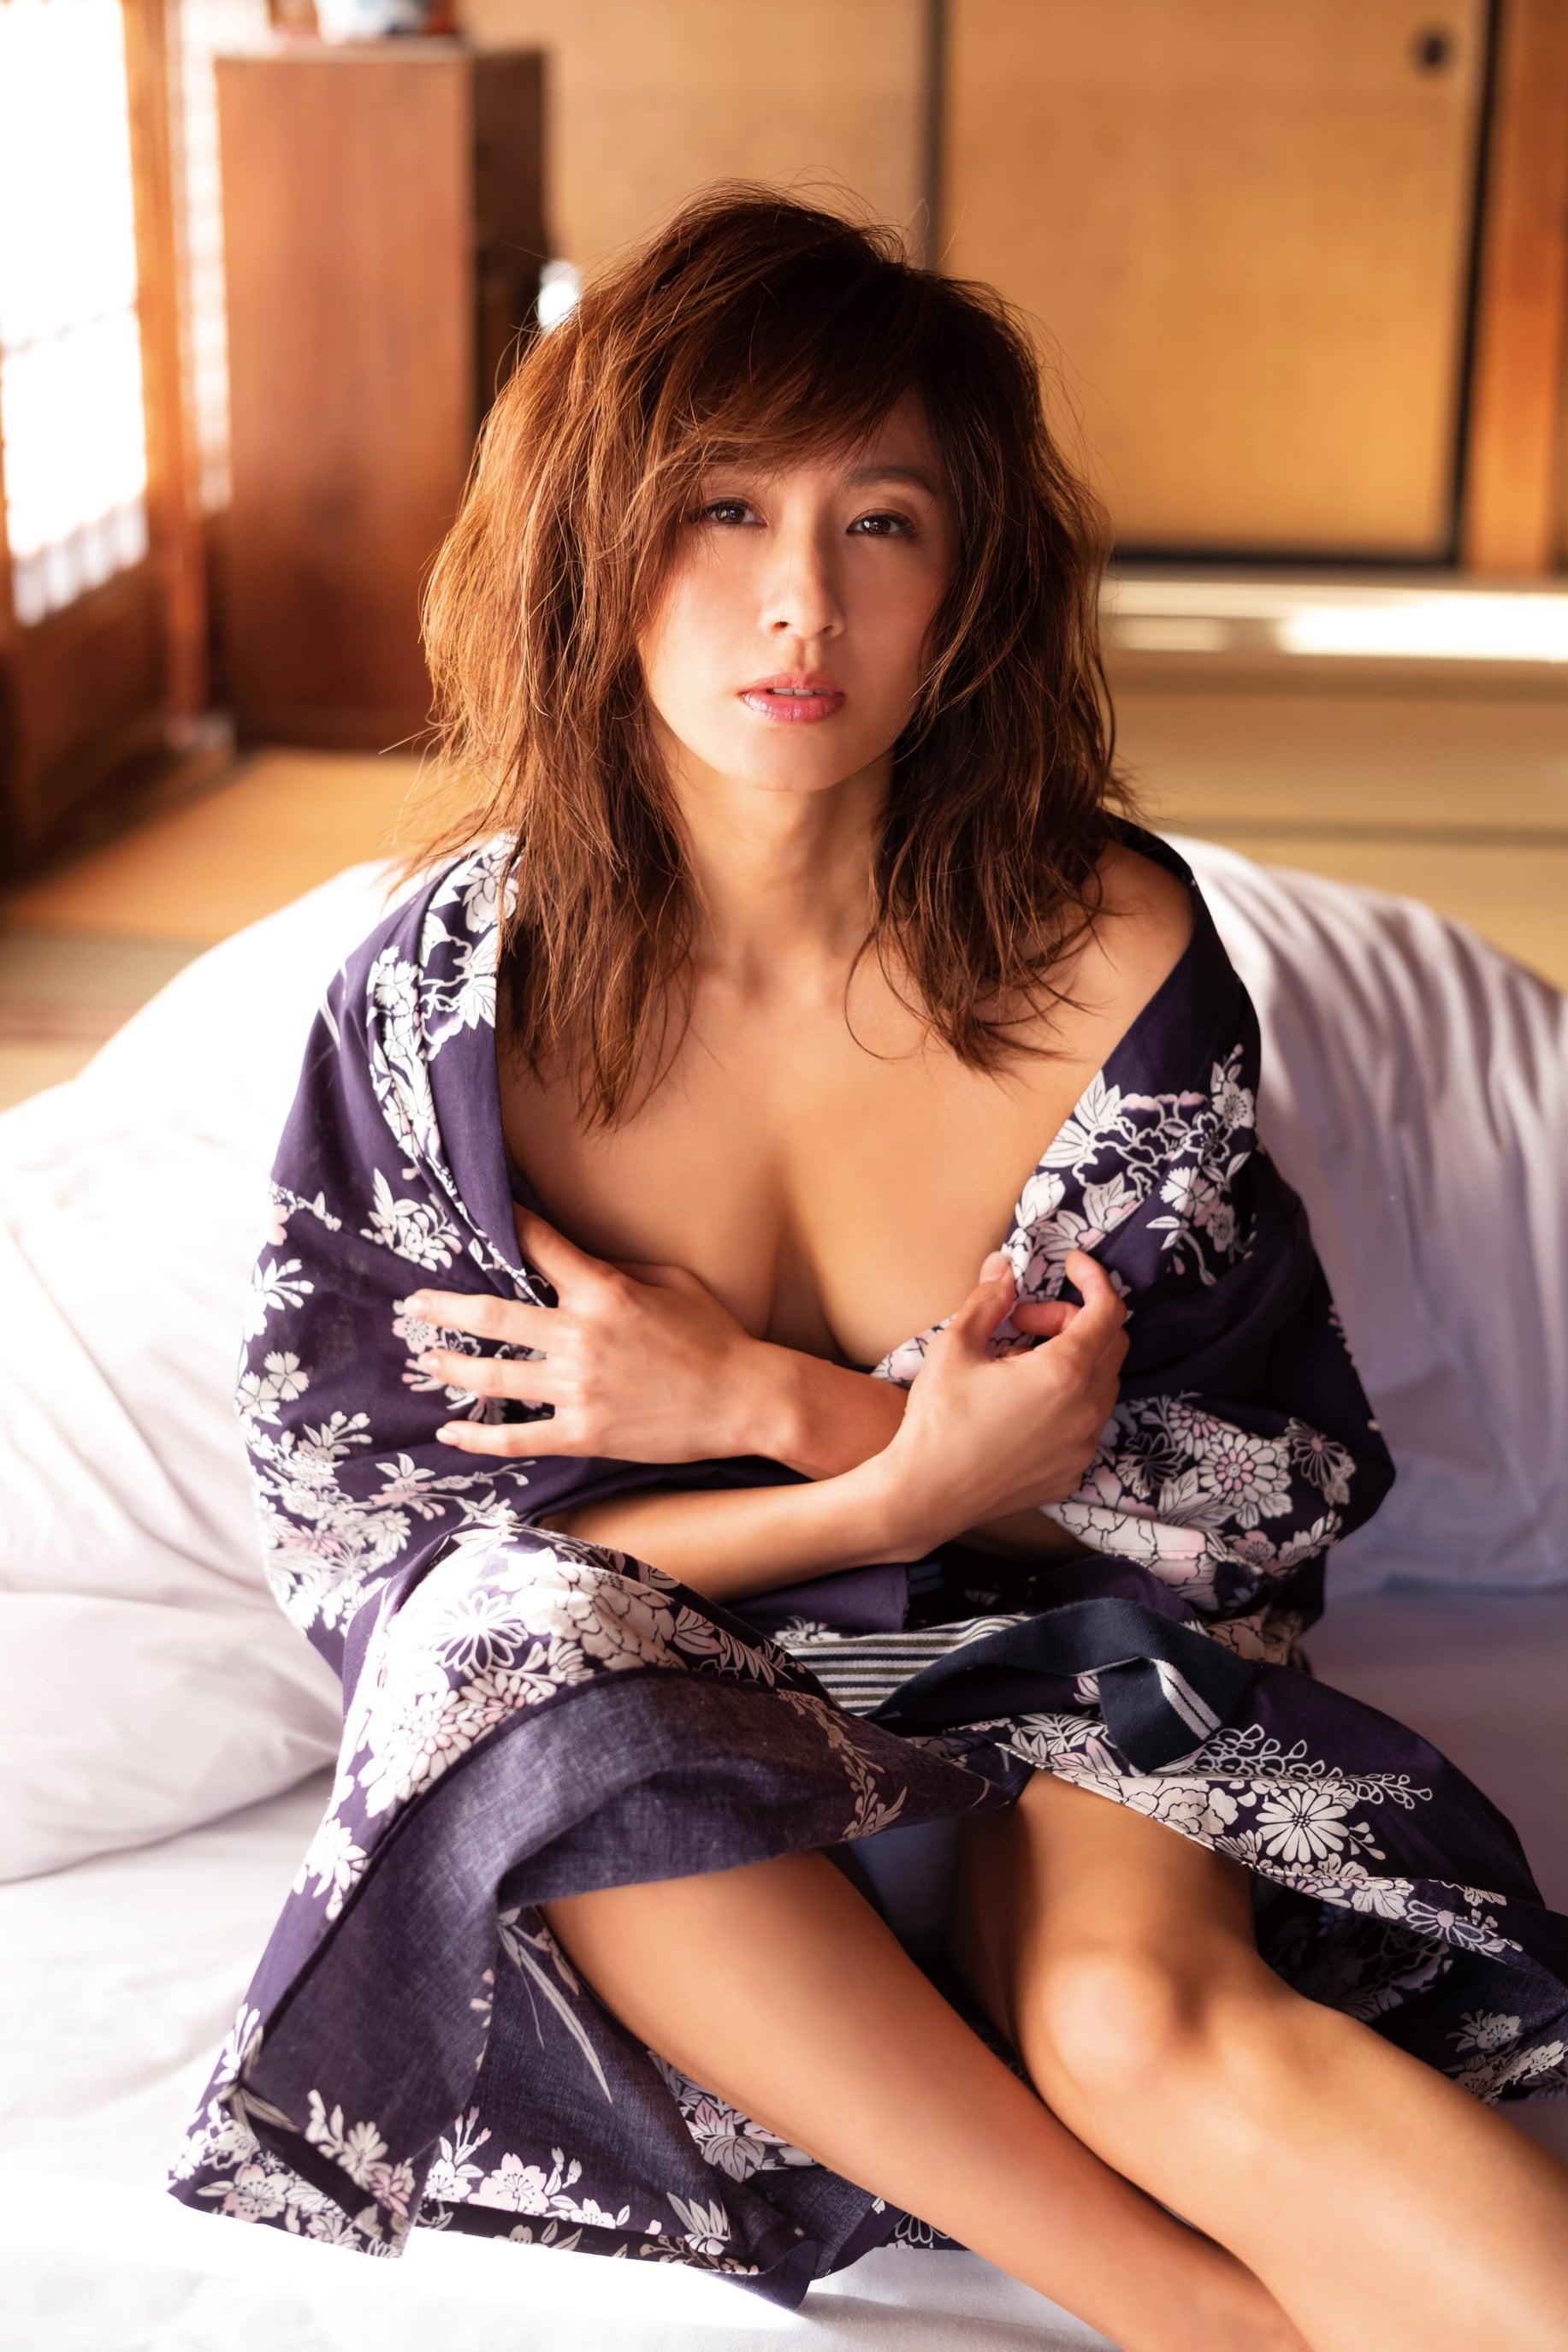 遠野舞子「伝説の美女」40代の復帰グラビアが凄い!【写真7枚】の画像005